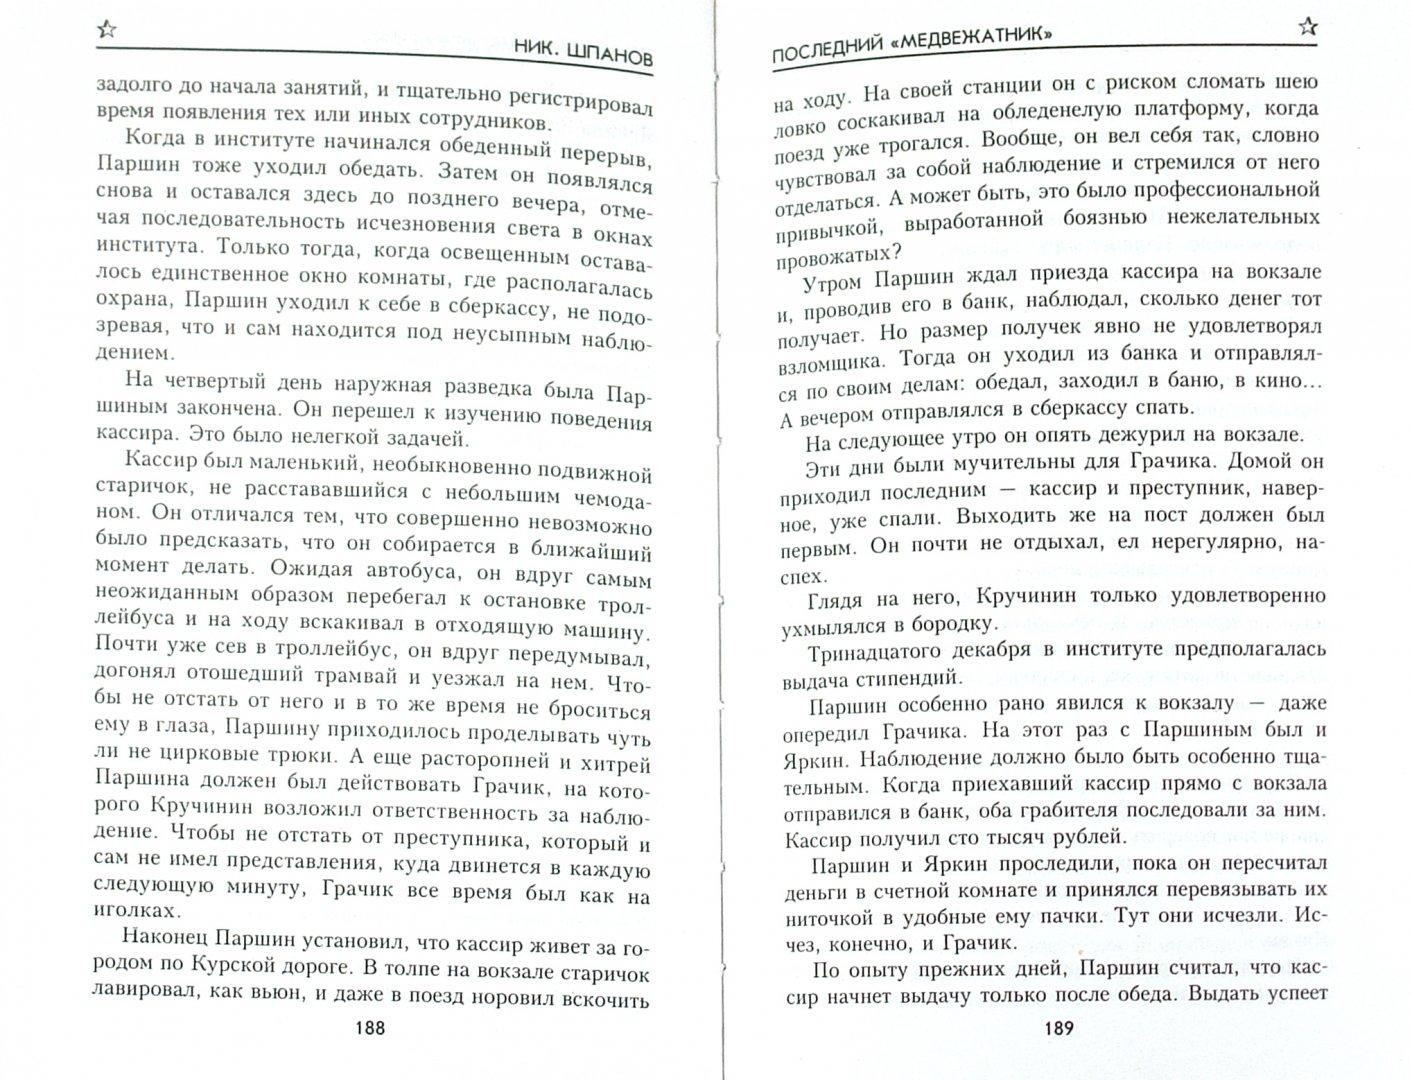 Иллюстрация 1 из 7 для Красный камень - Николай Шпанов | Лабиринт - книги. Источник: Лабиринт